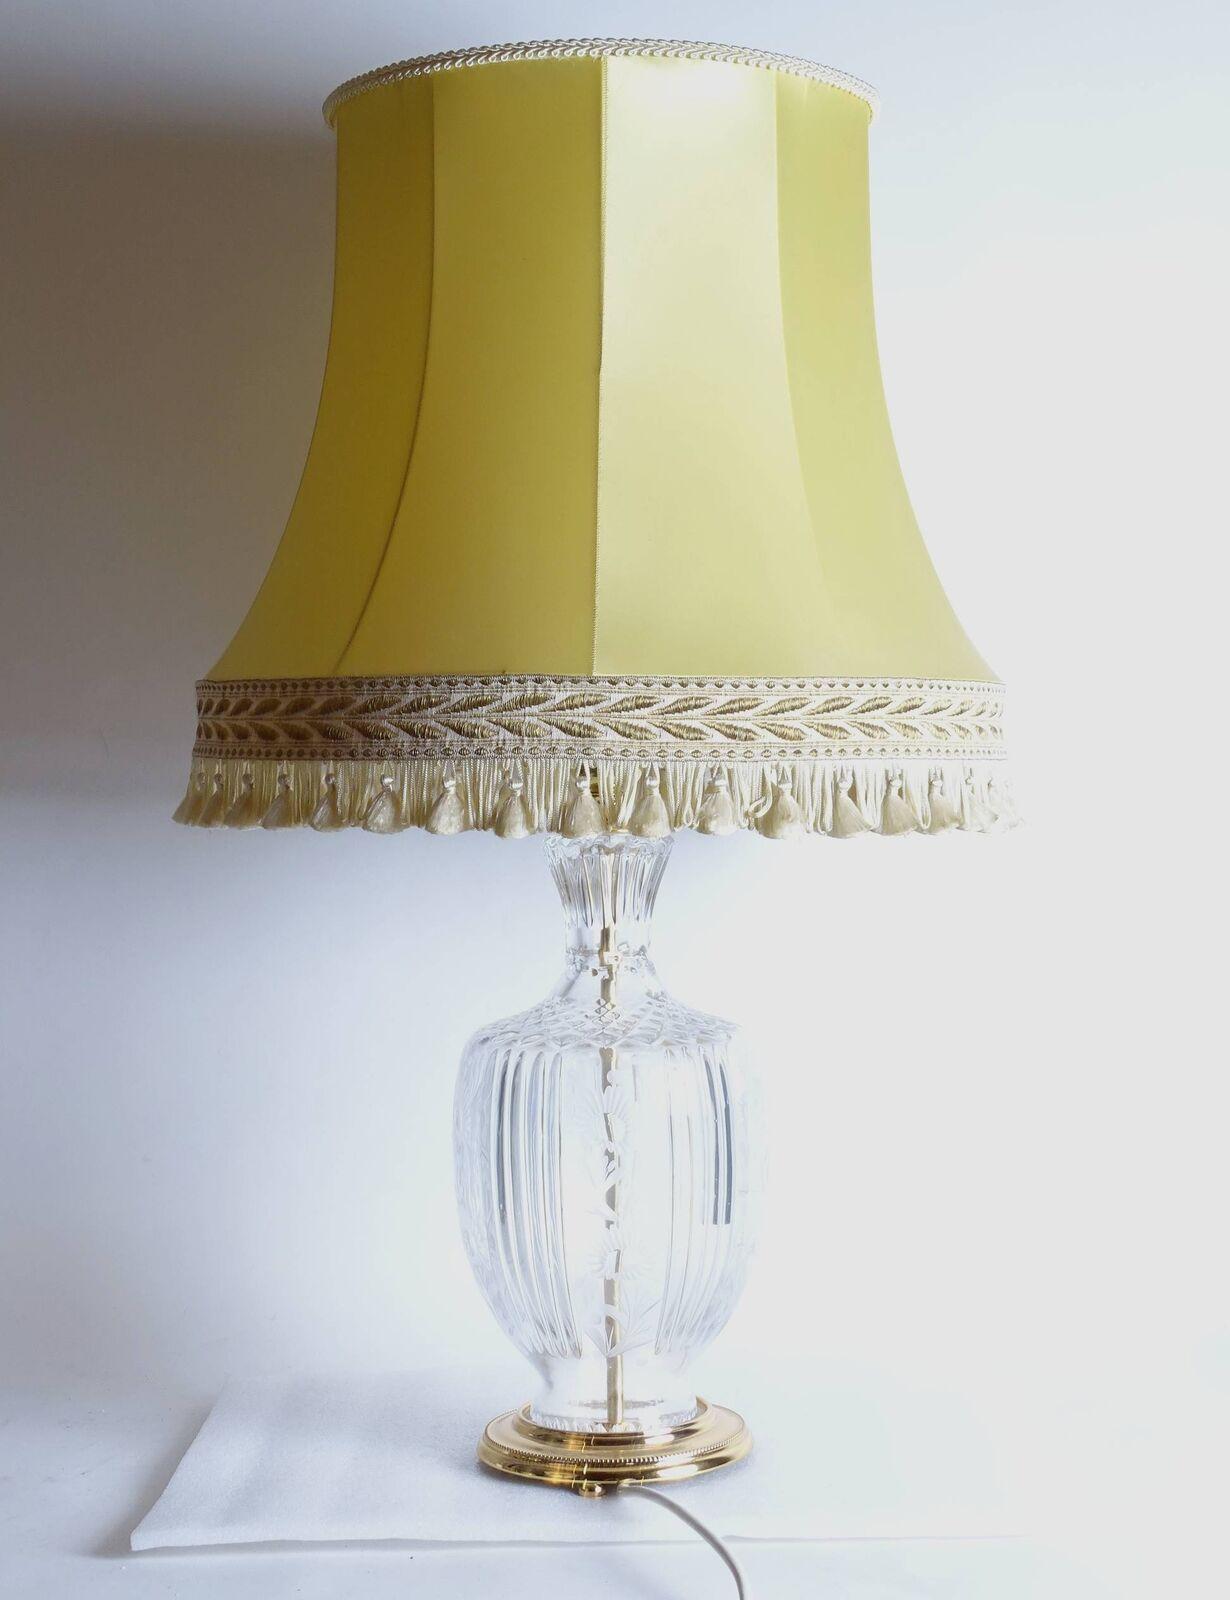 Full Size of Kristall Stehlampe Antike Shabby Chic Glas Korpus Wohnzimmer Schlafzimmer Stehlampen Wohnzimmer Kristall Stehlampe